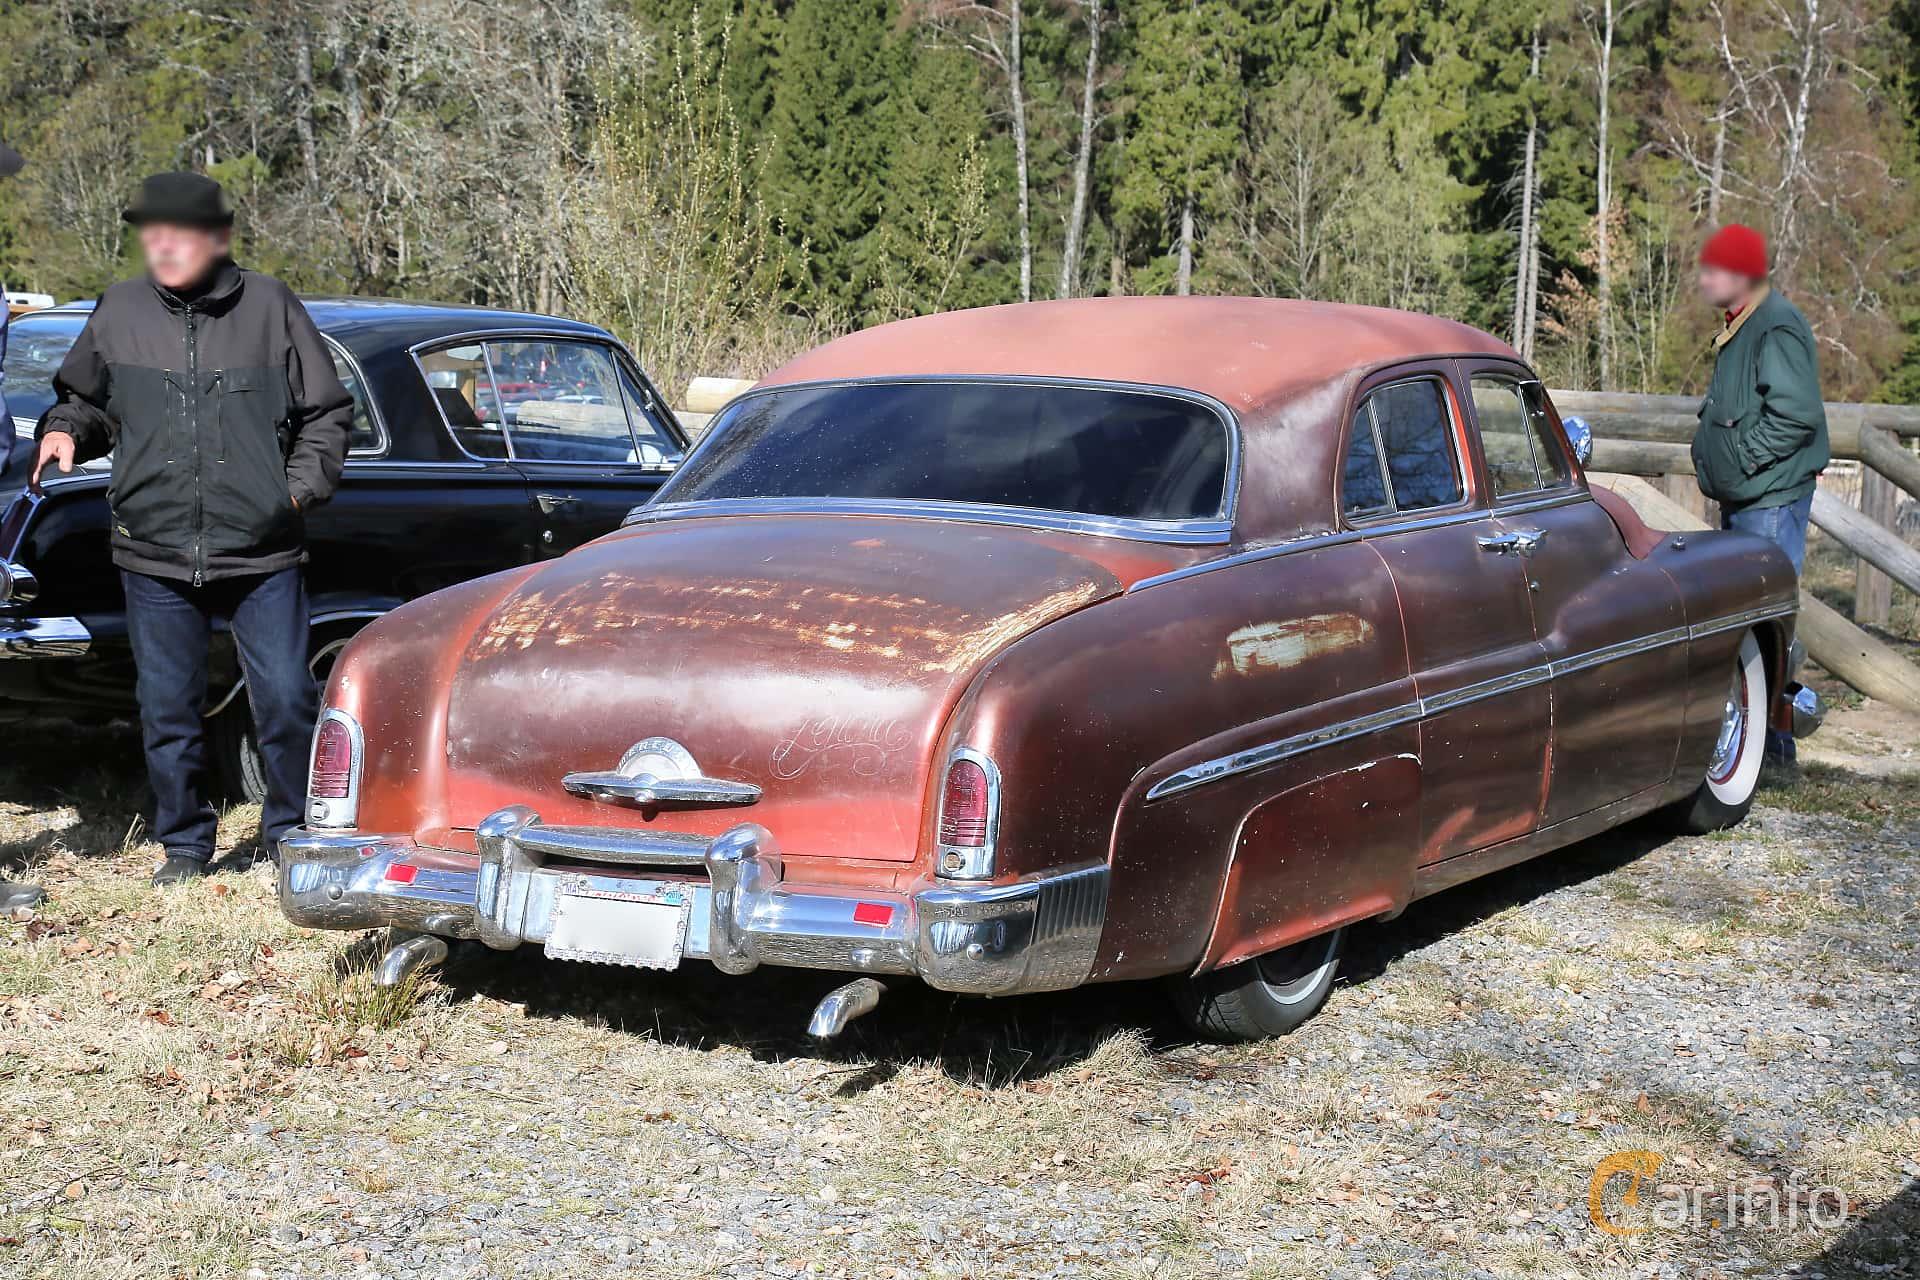 Mercury Eight 1CM Sedan 4.2 V8 Manual, 1951 at Uddevalla Veteranbilsmarknad Backamo, Ljungsk 2019